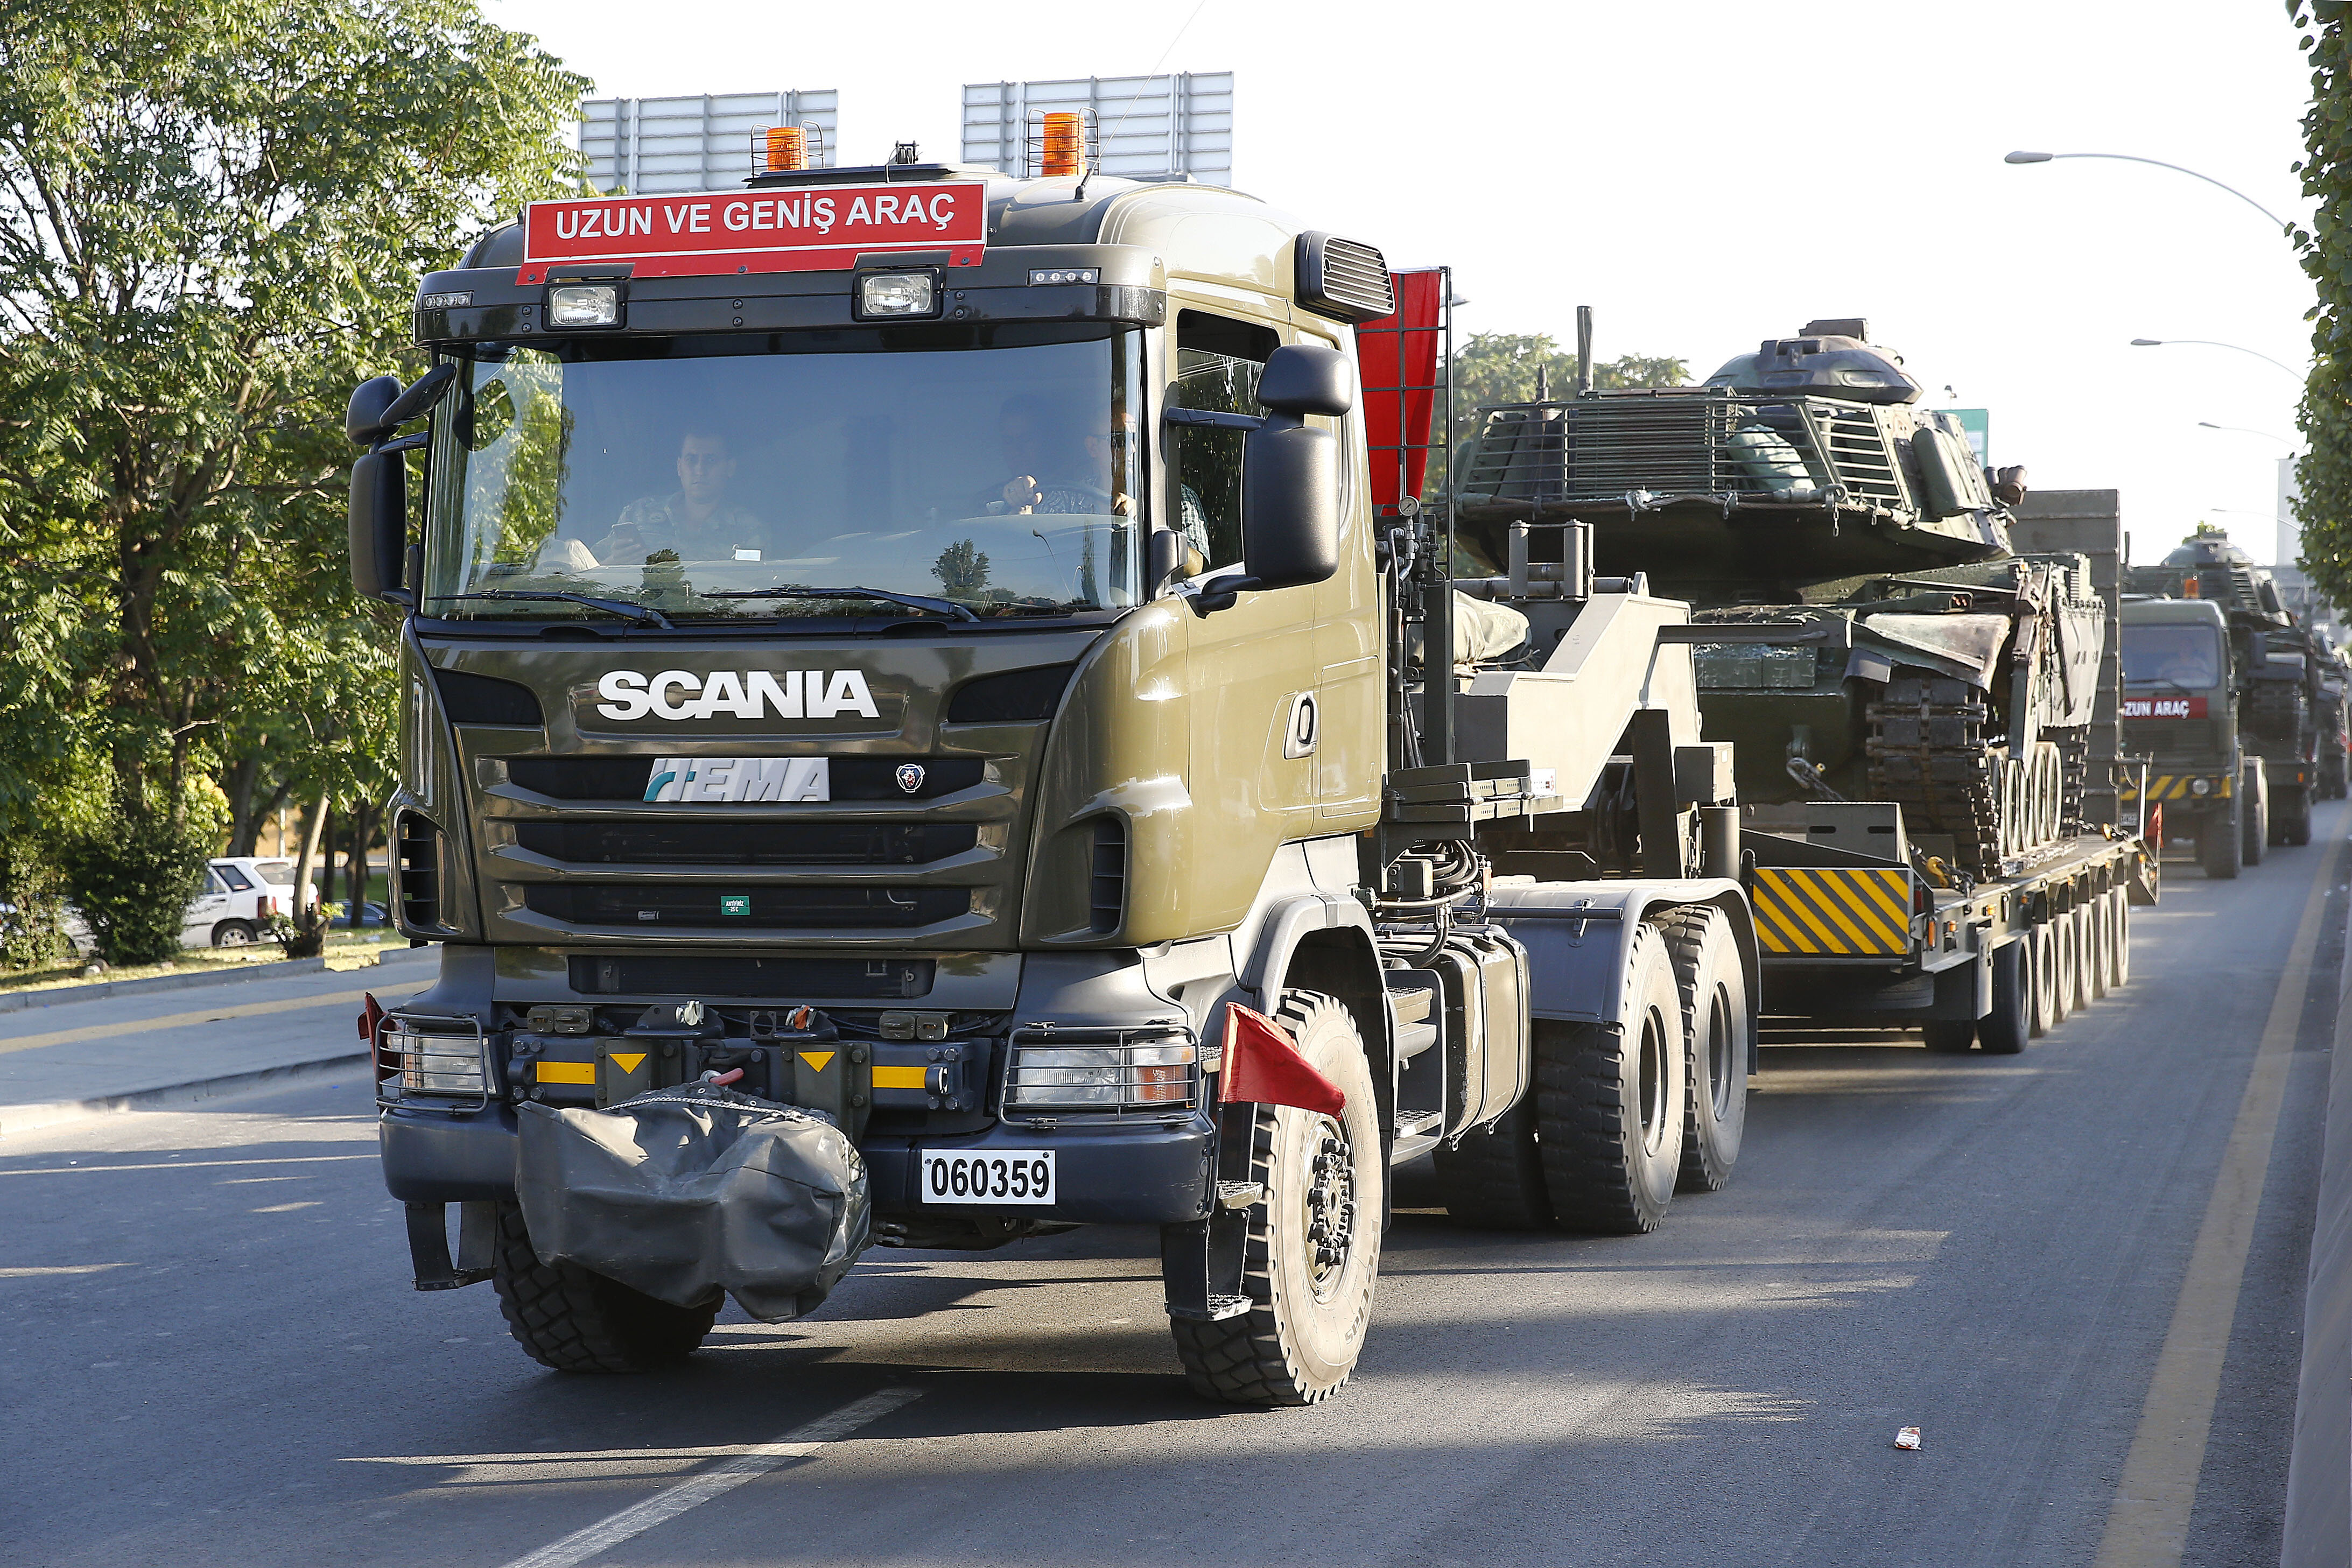 Darbeci hainler tarafından Genelkurmay Karargahı'na getirilen askeri araçlar birliklerine geri götürüldü.